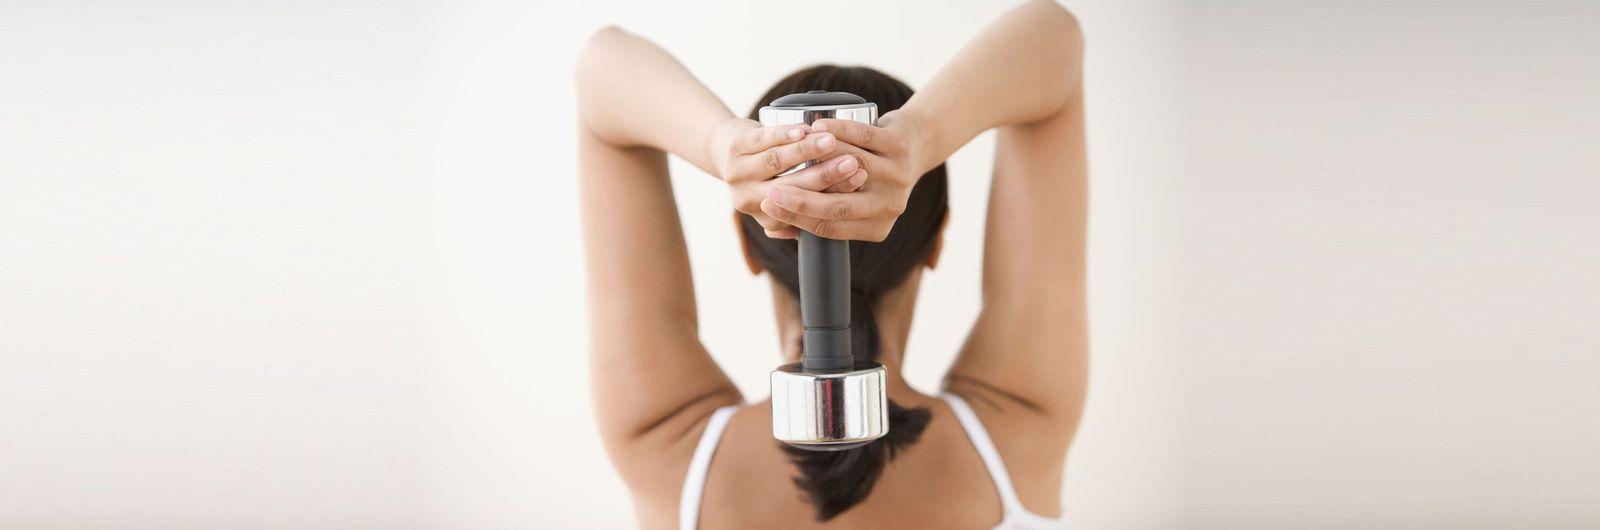 NICHT MEHR VERWENDEN! - Muskeltraining / Fitness / Hantel